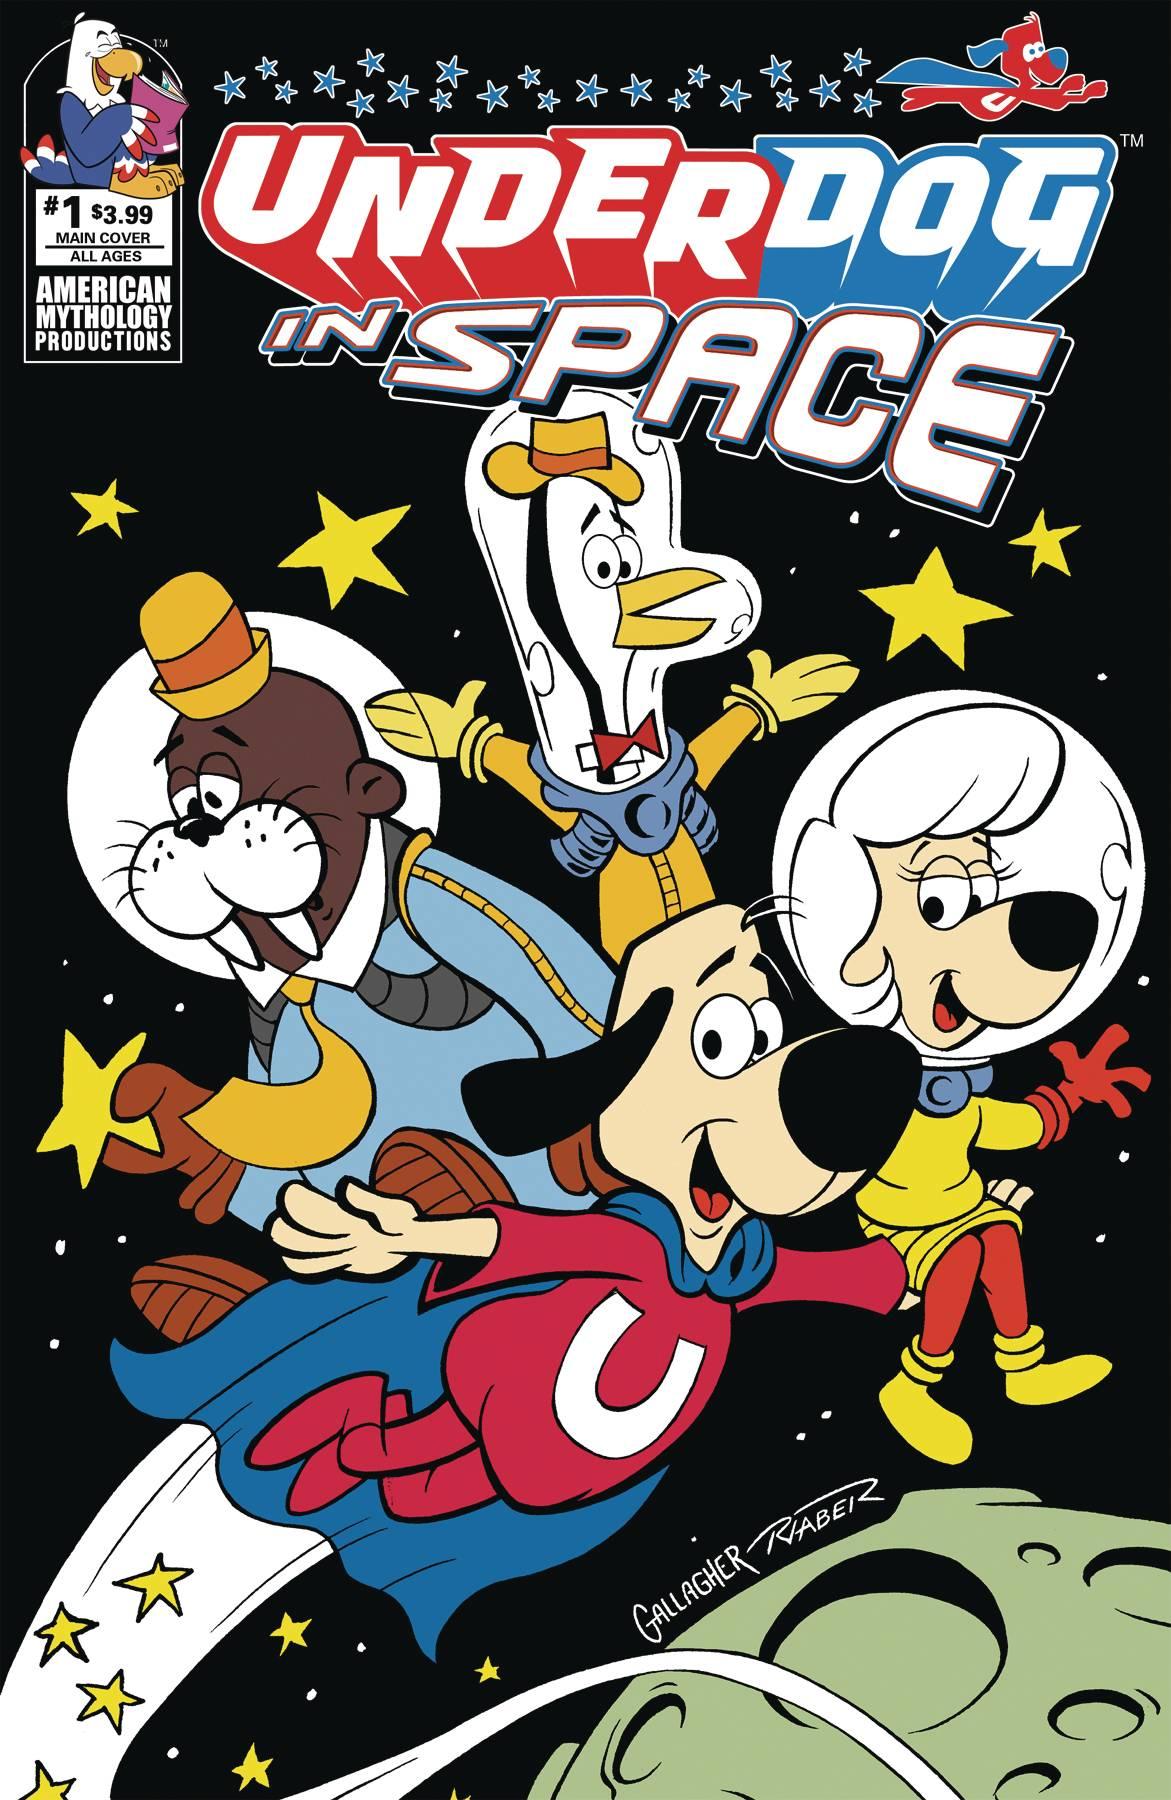 UNDERDOG IN SPACE